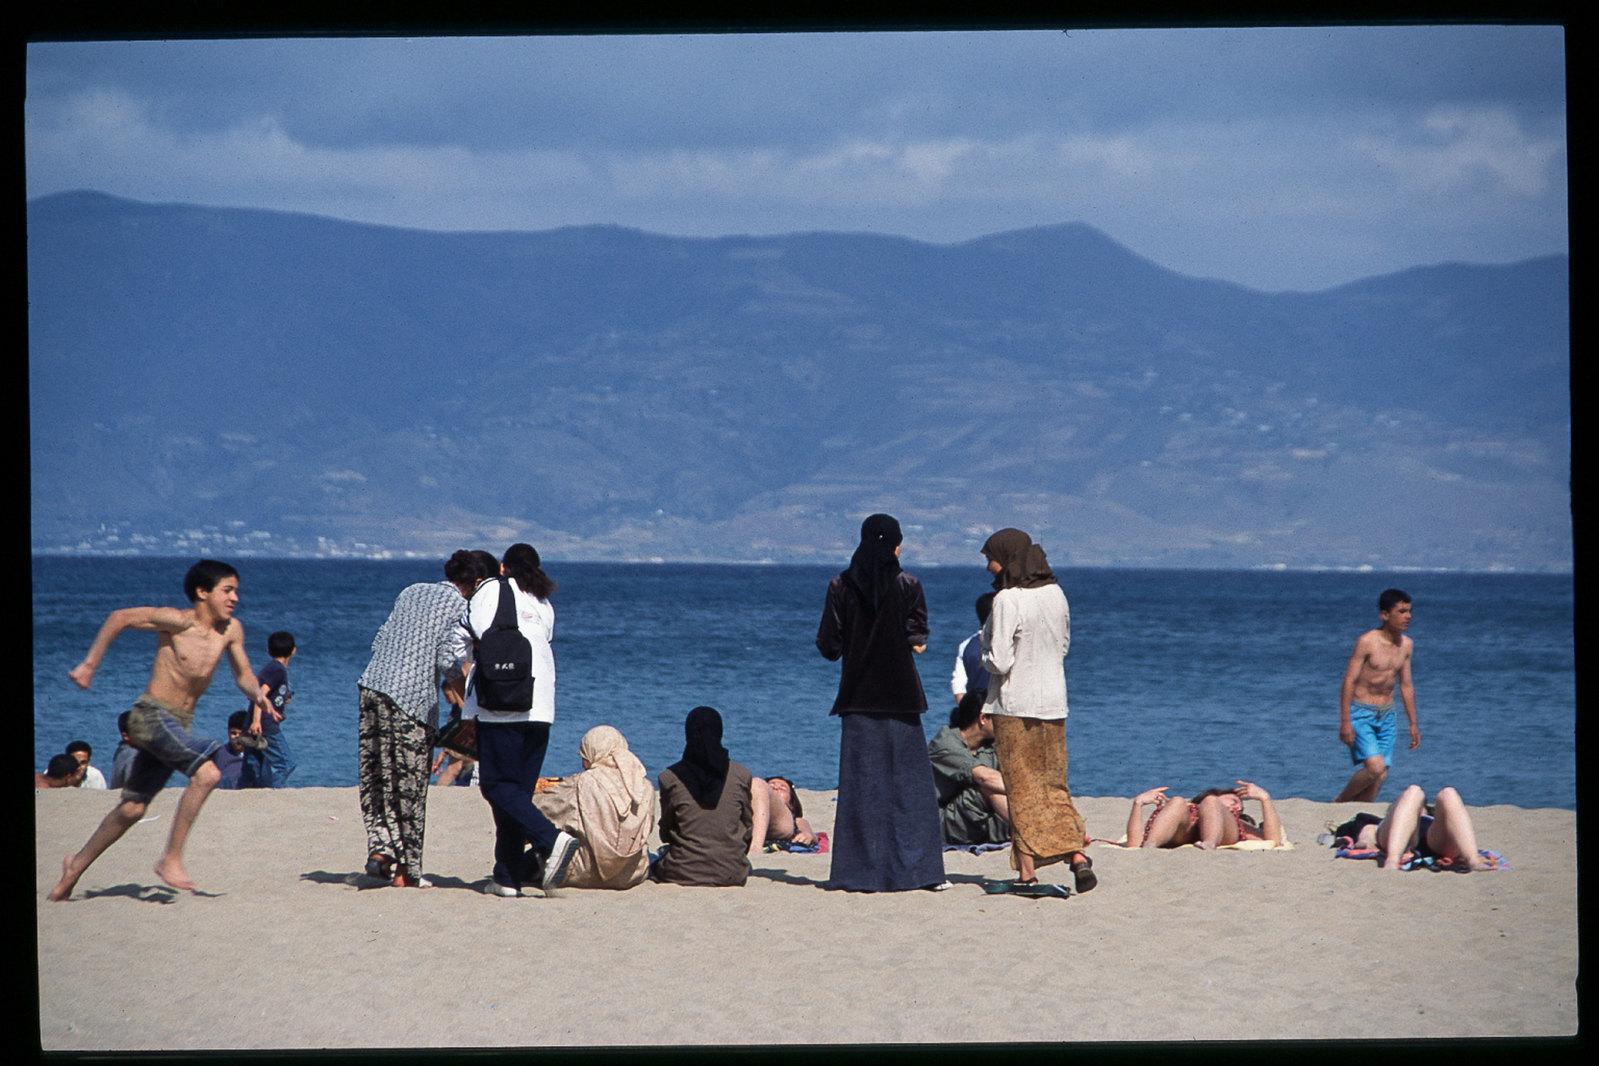 Maroc oriental - Une plage près d'Al Hoceima